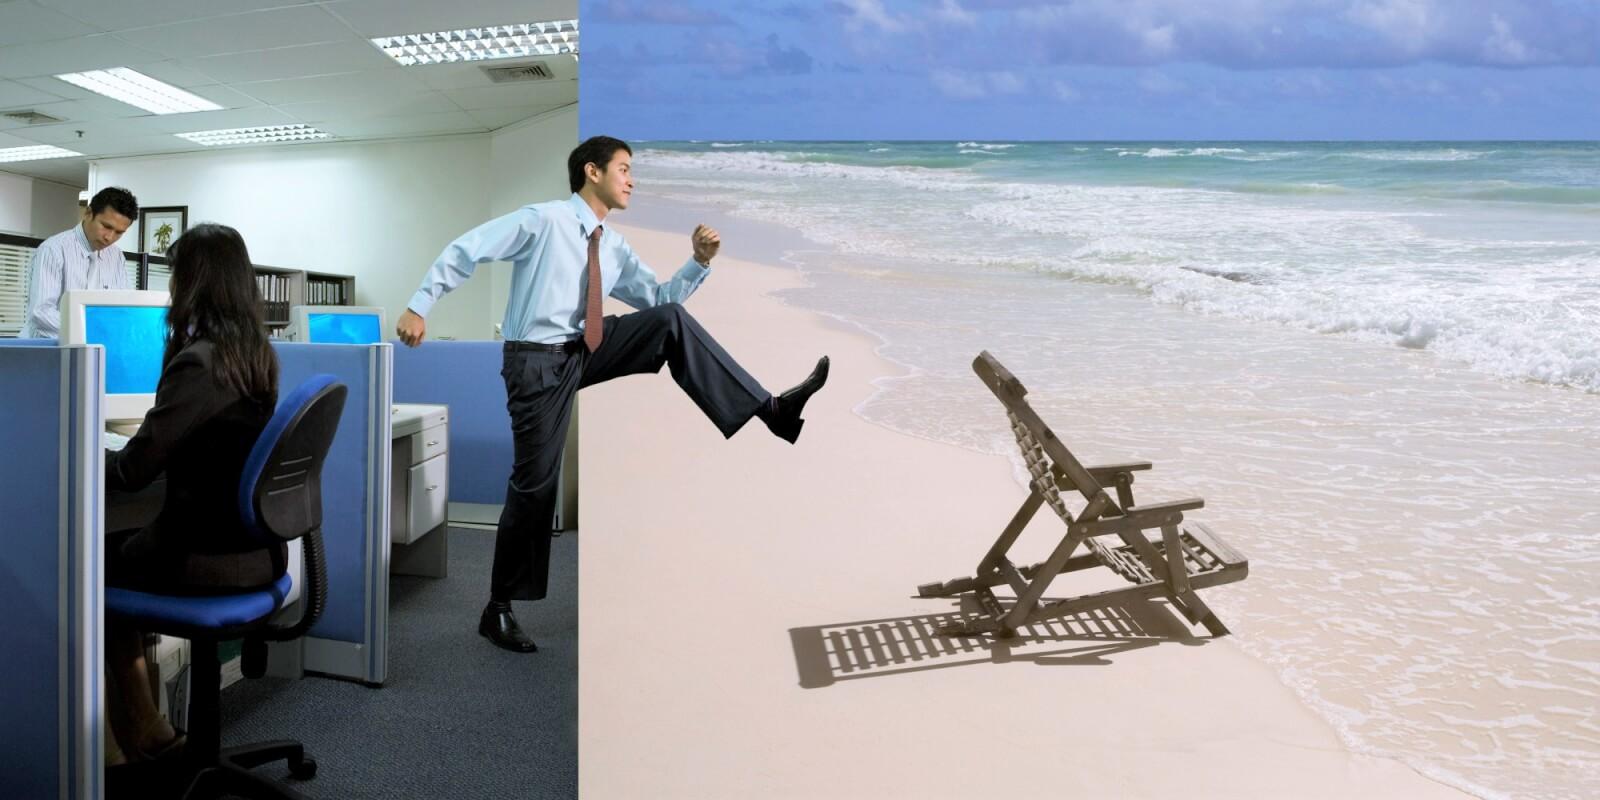 Почему отпускные выплаты получаются меньше, чем заработная плата за тот же период